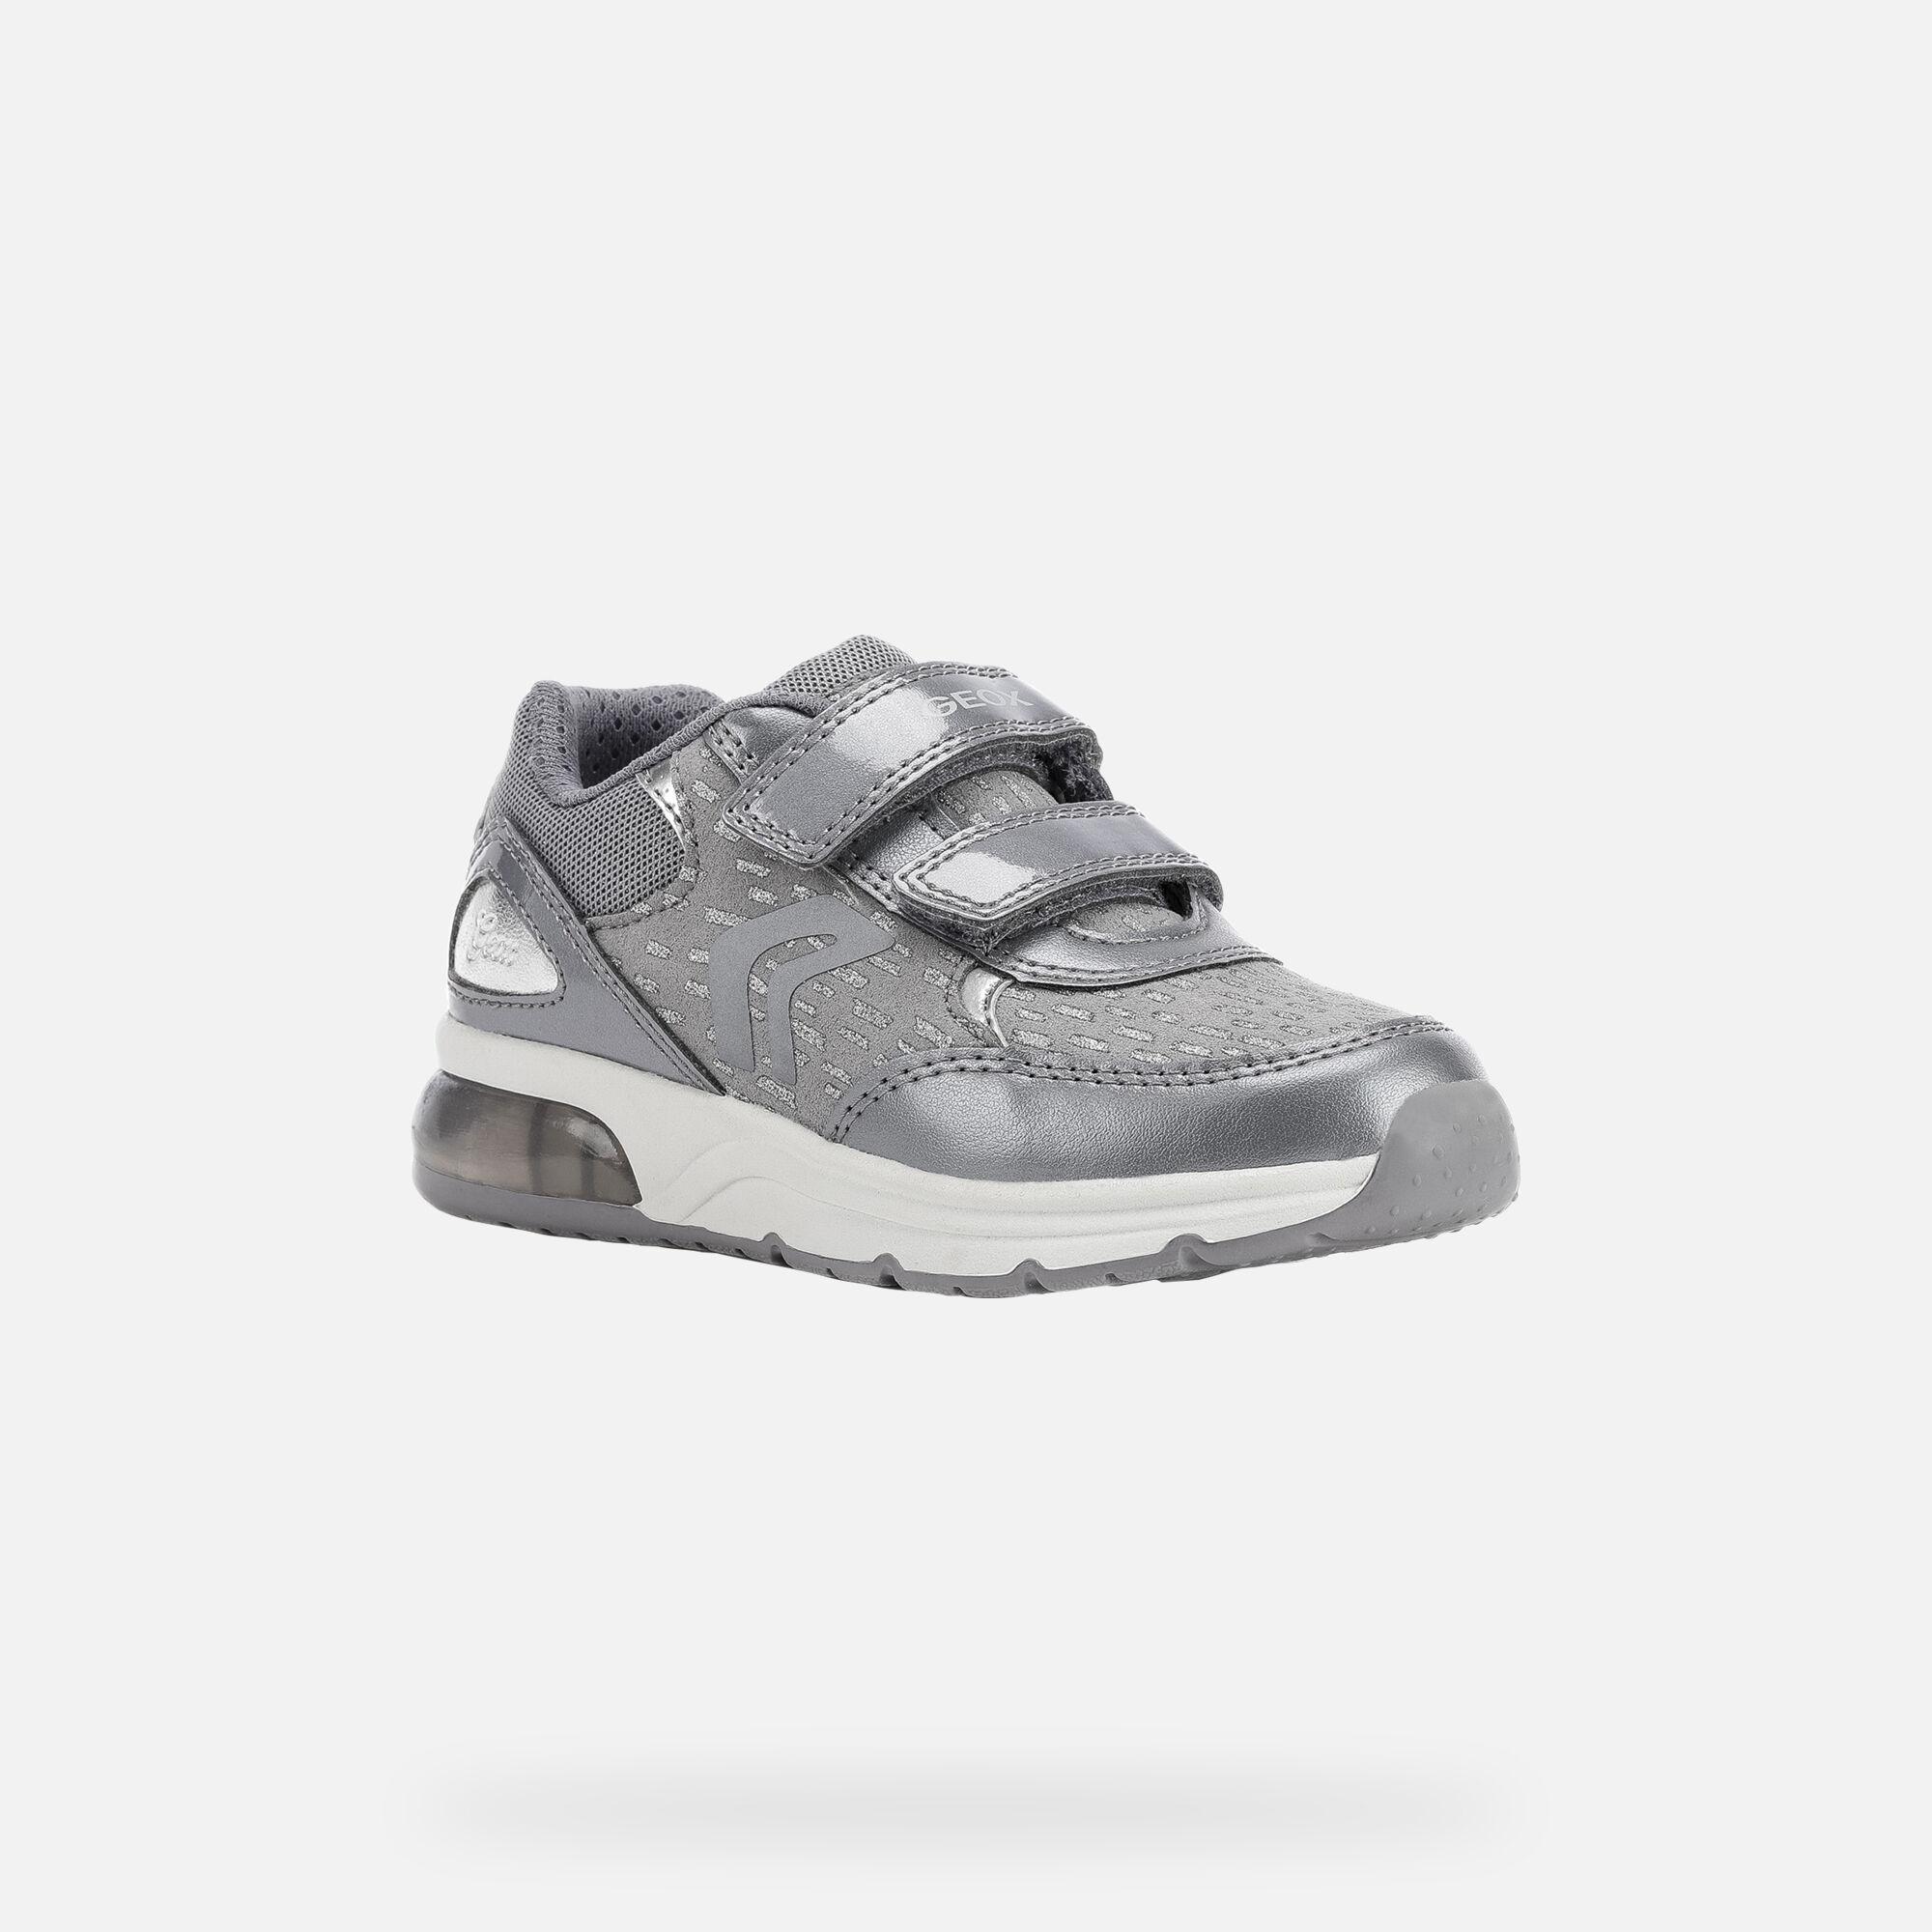 Spaceclub low top sneakers